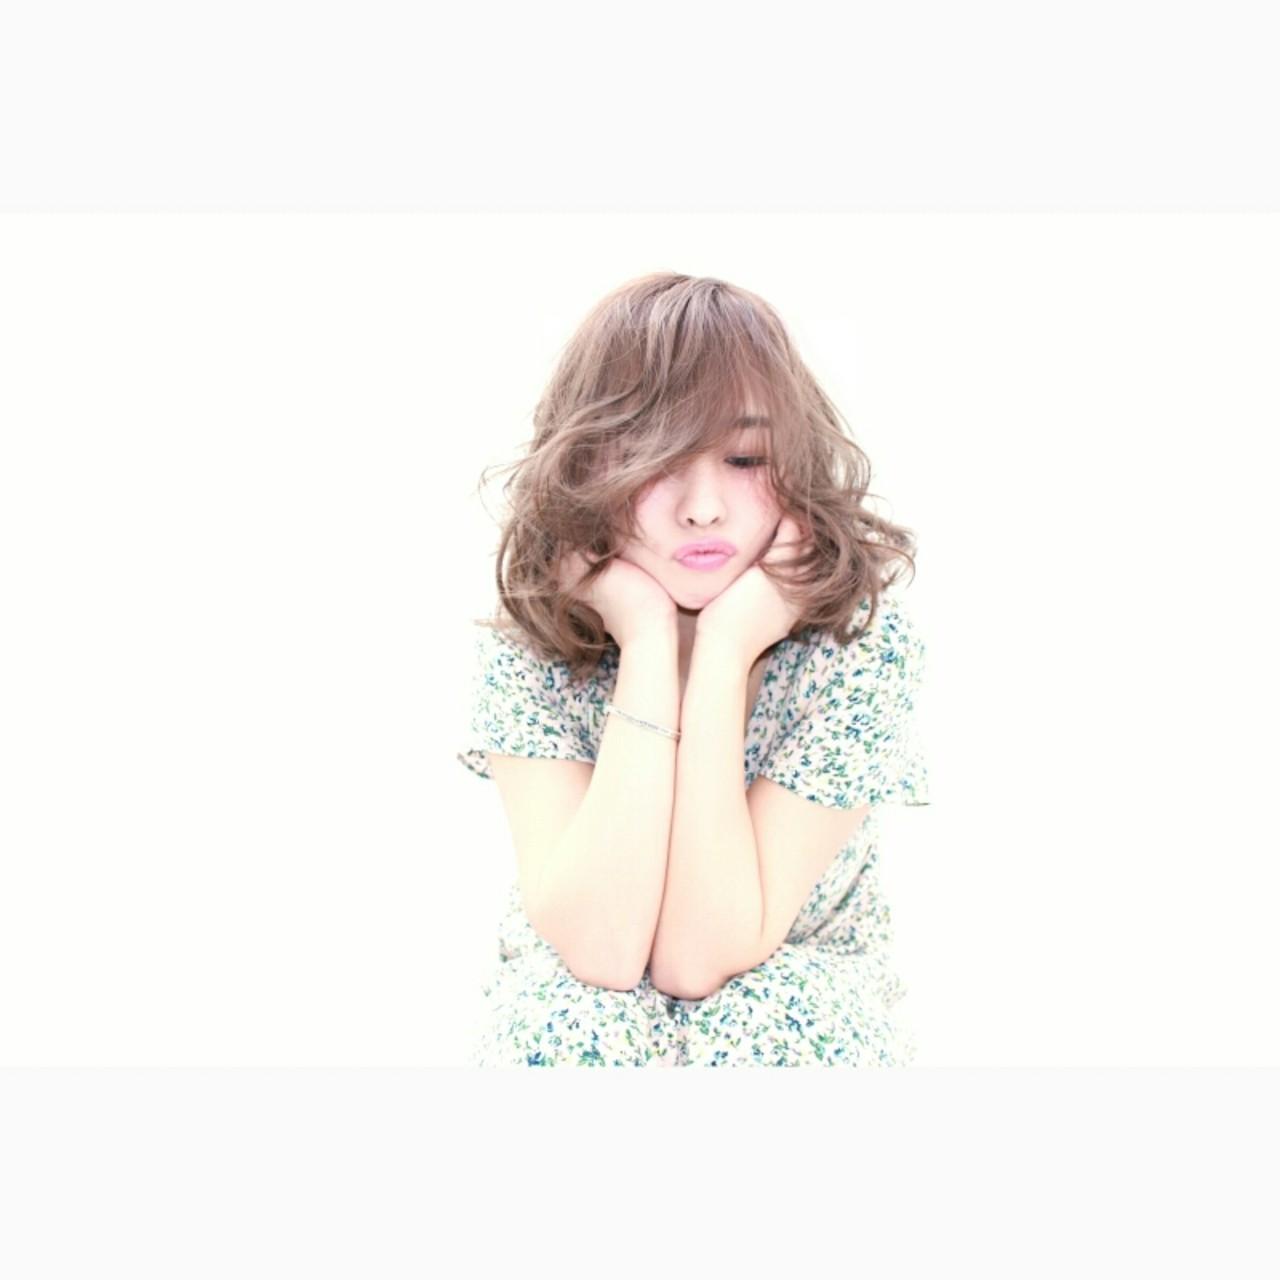 色気 ミディアム フェミニン ボブ ヘアスタイルや髪型の写真・画像